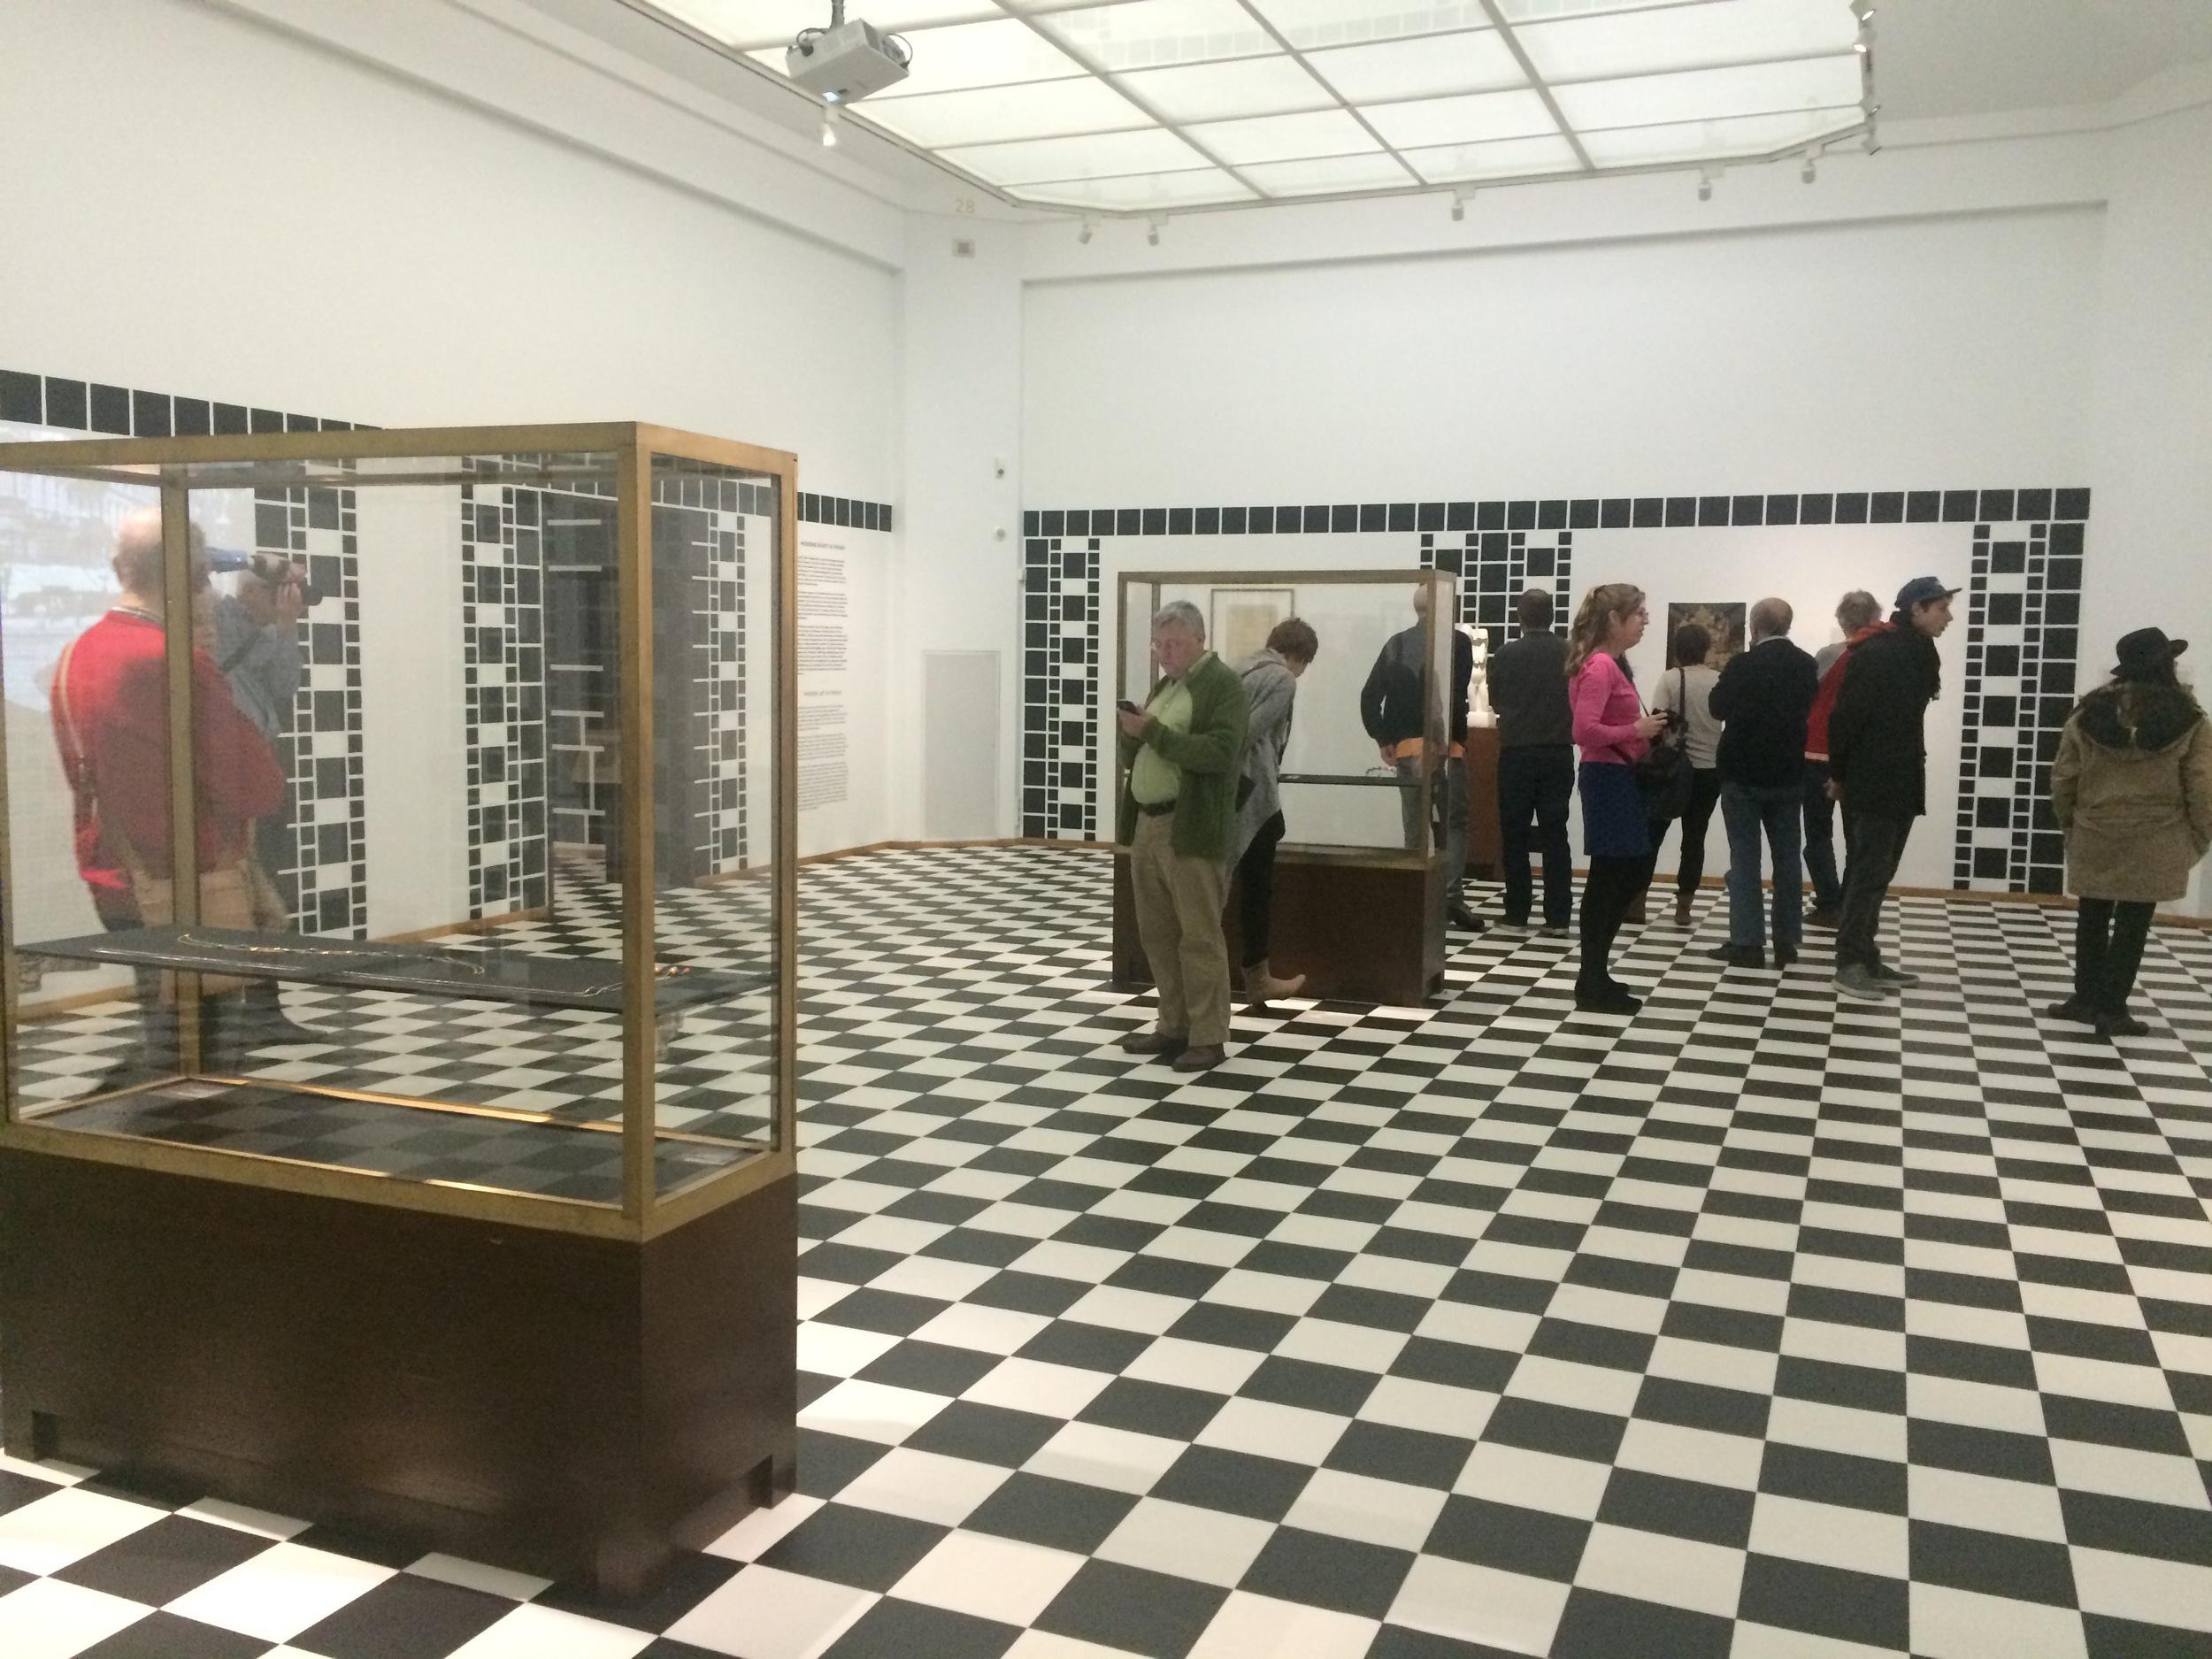 De eerste zaal van de tentoonstelling. De gouden vitrines steken mooi af bij het zwart/wit op de vloer en muren.